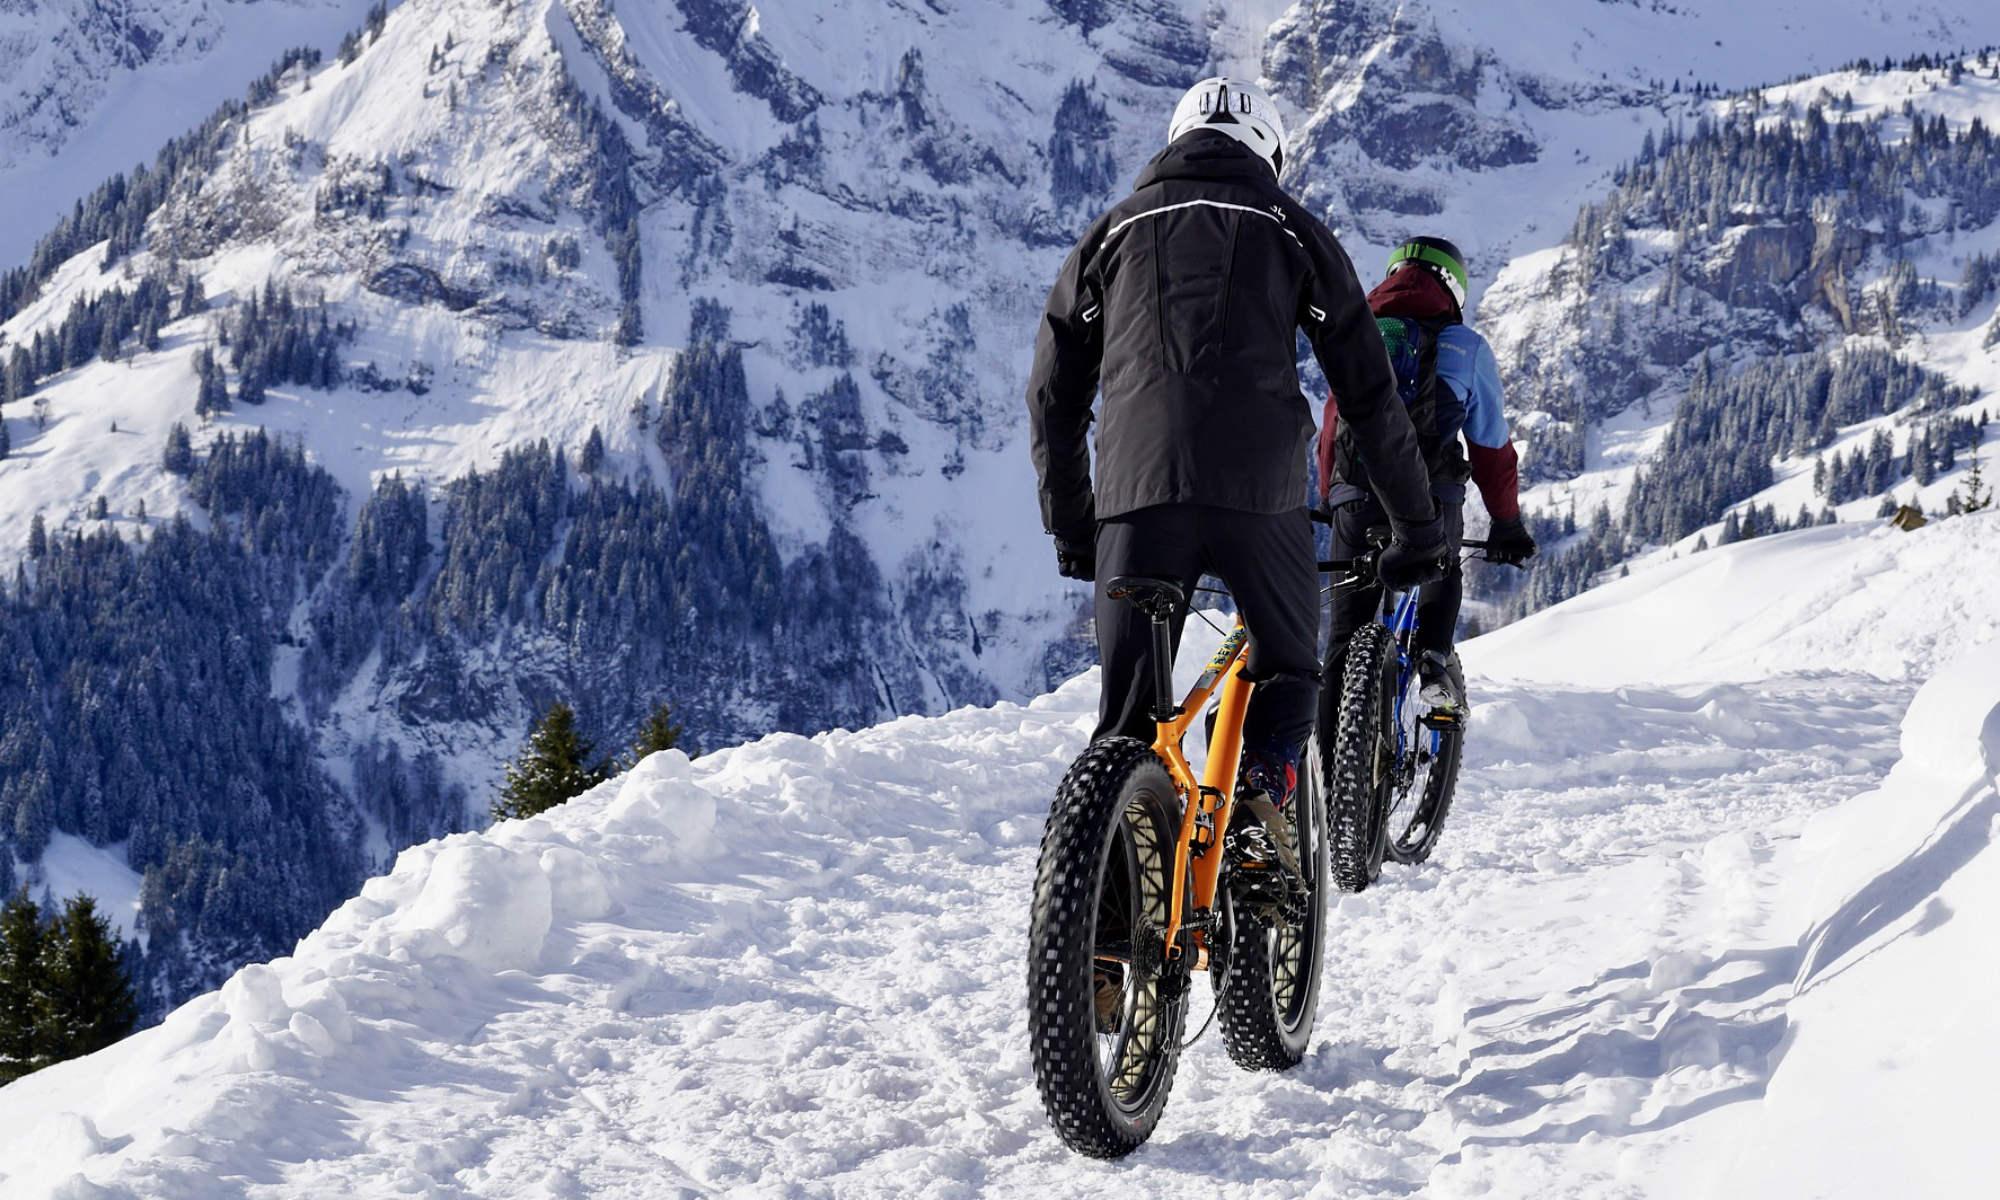 2 Radfahrer mit Fatbikes fahren durch den Schnee, im Hintergrund verschneite Berge.